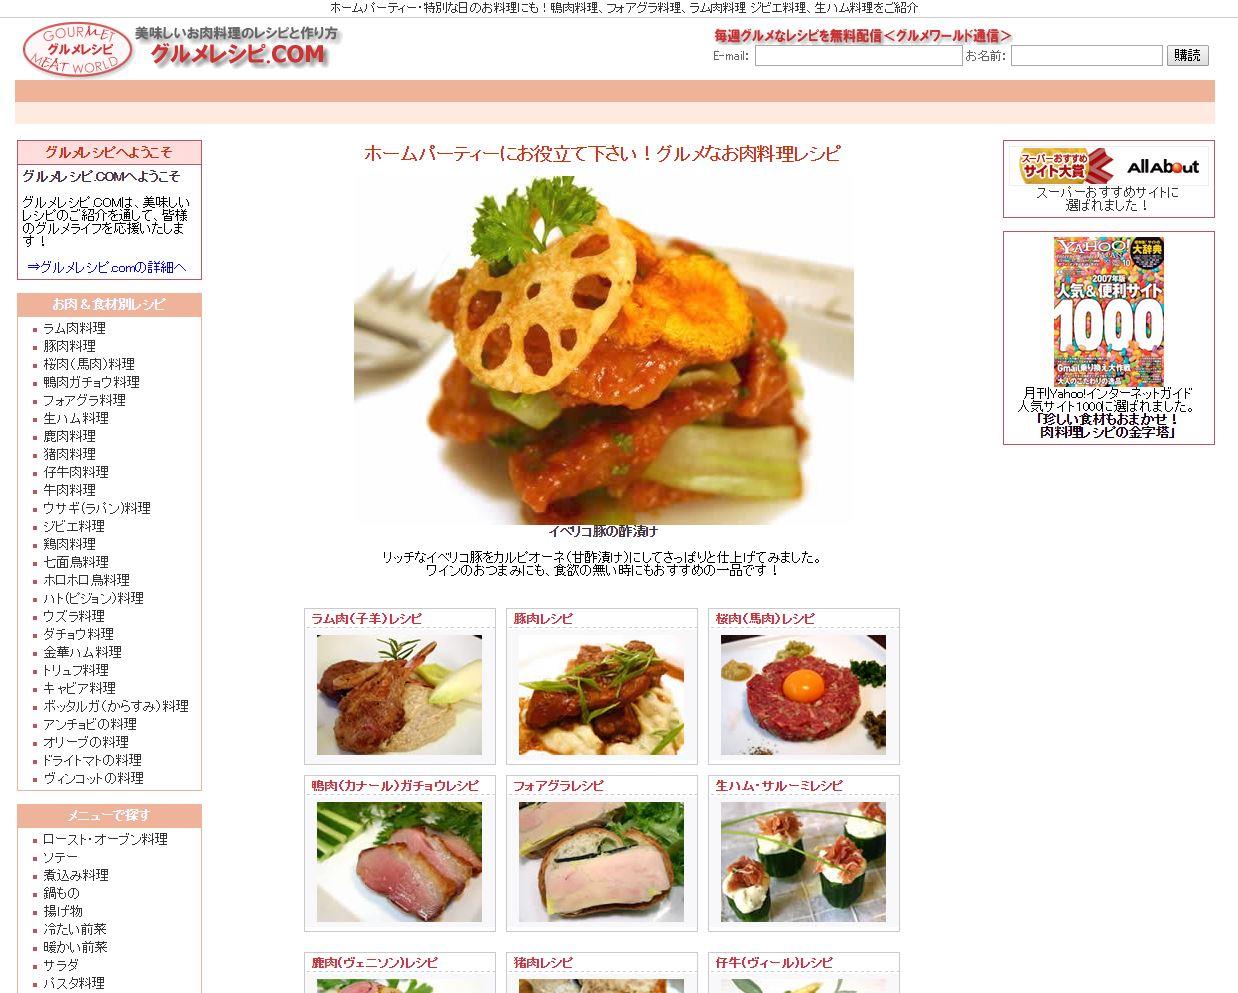 グルメレシピ.com 美味しいお肉料理のレシピと作り方